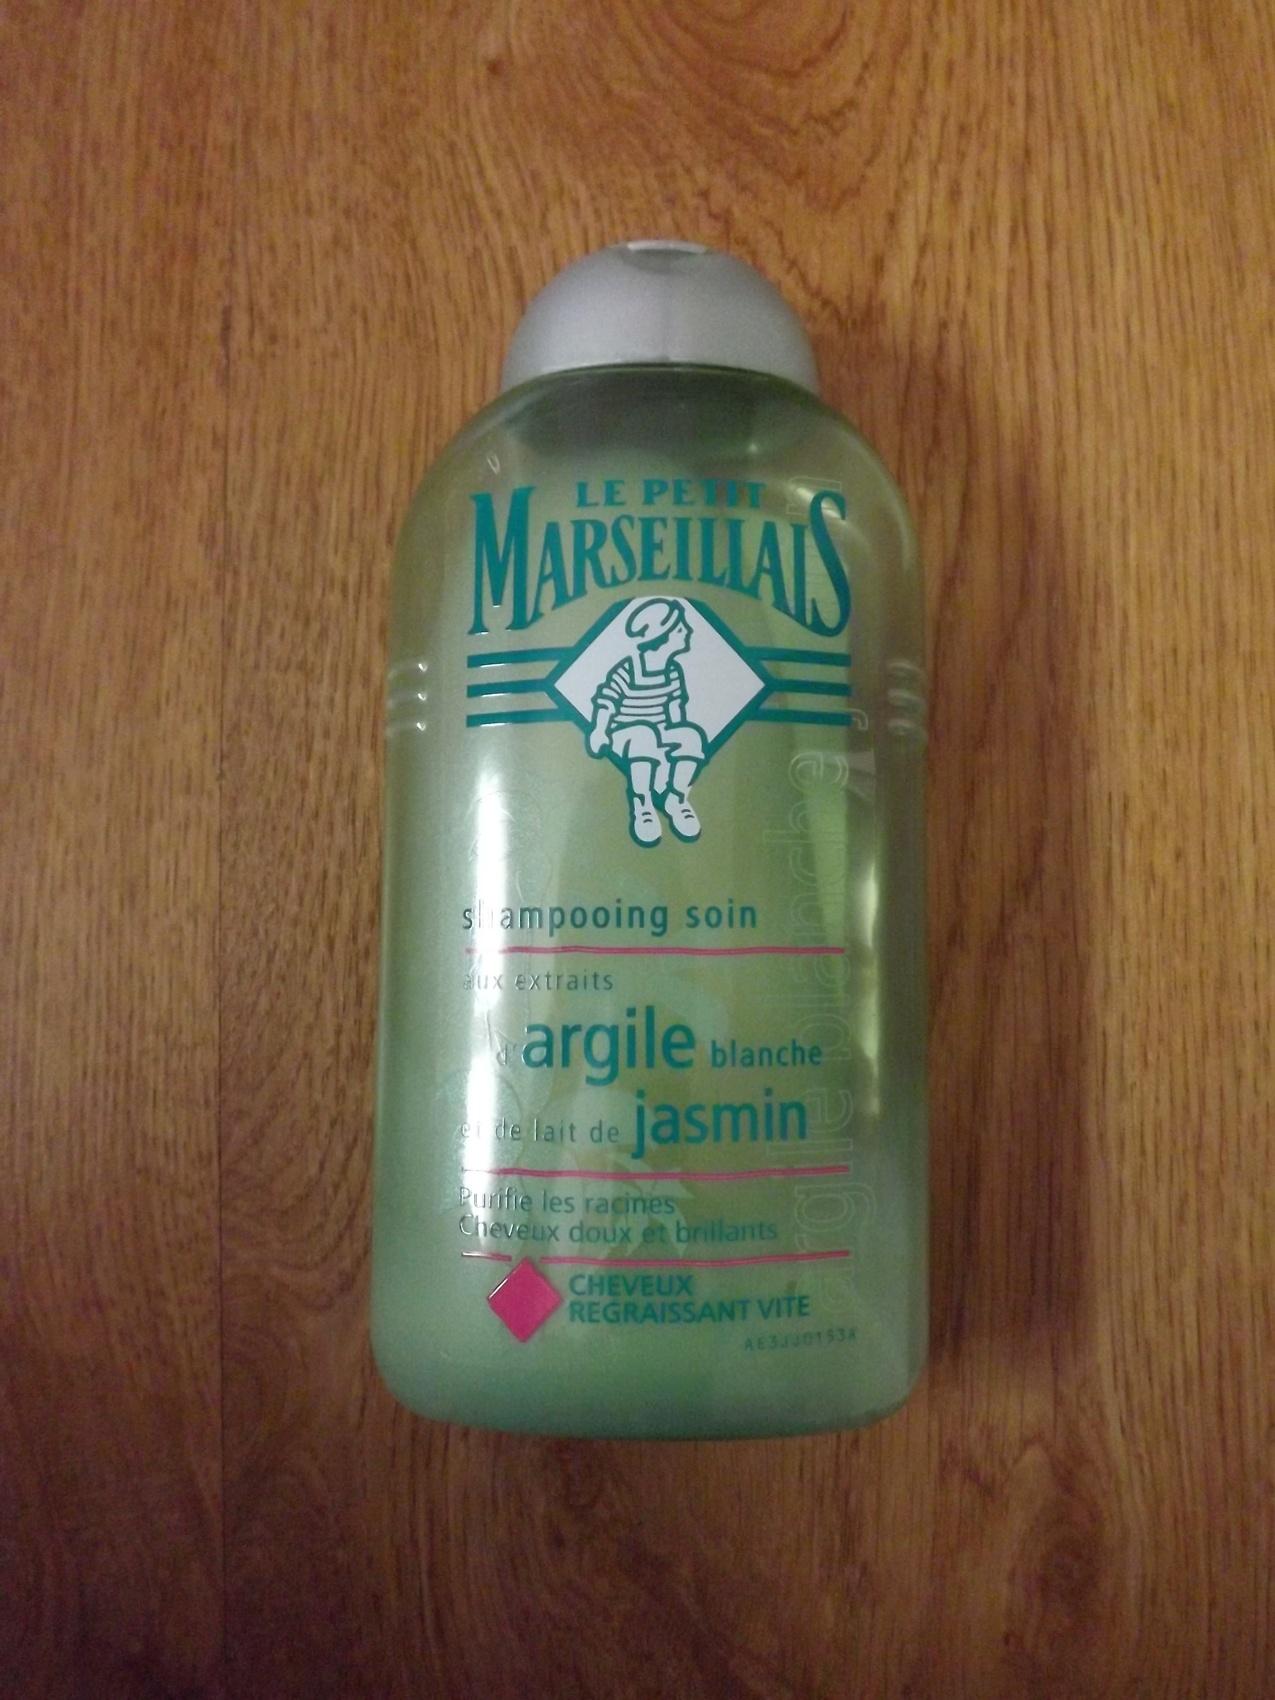 Shampooing Soin cheveux regraissant vite - Argile Jasmin par Le Petit Marseillais